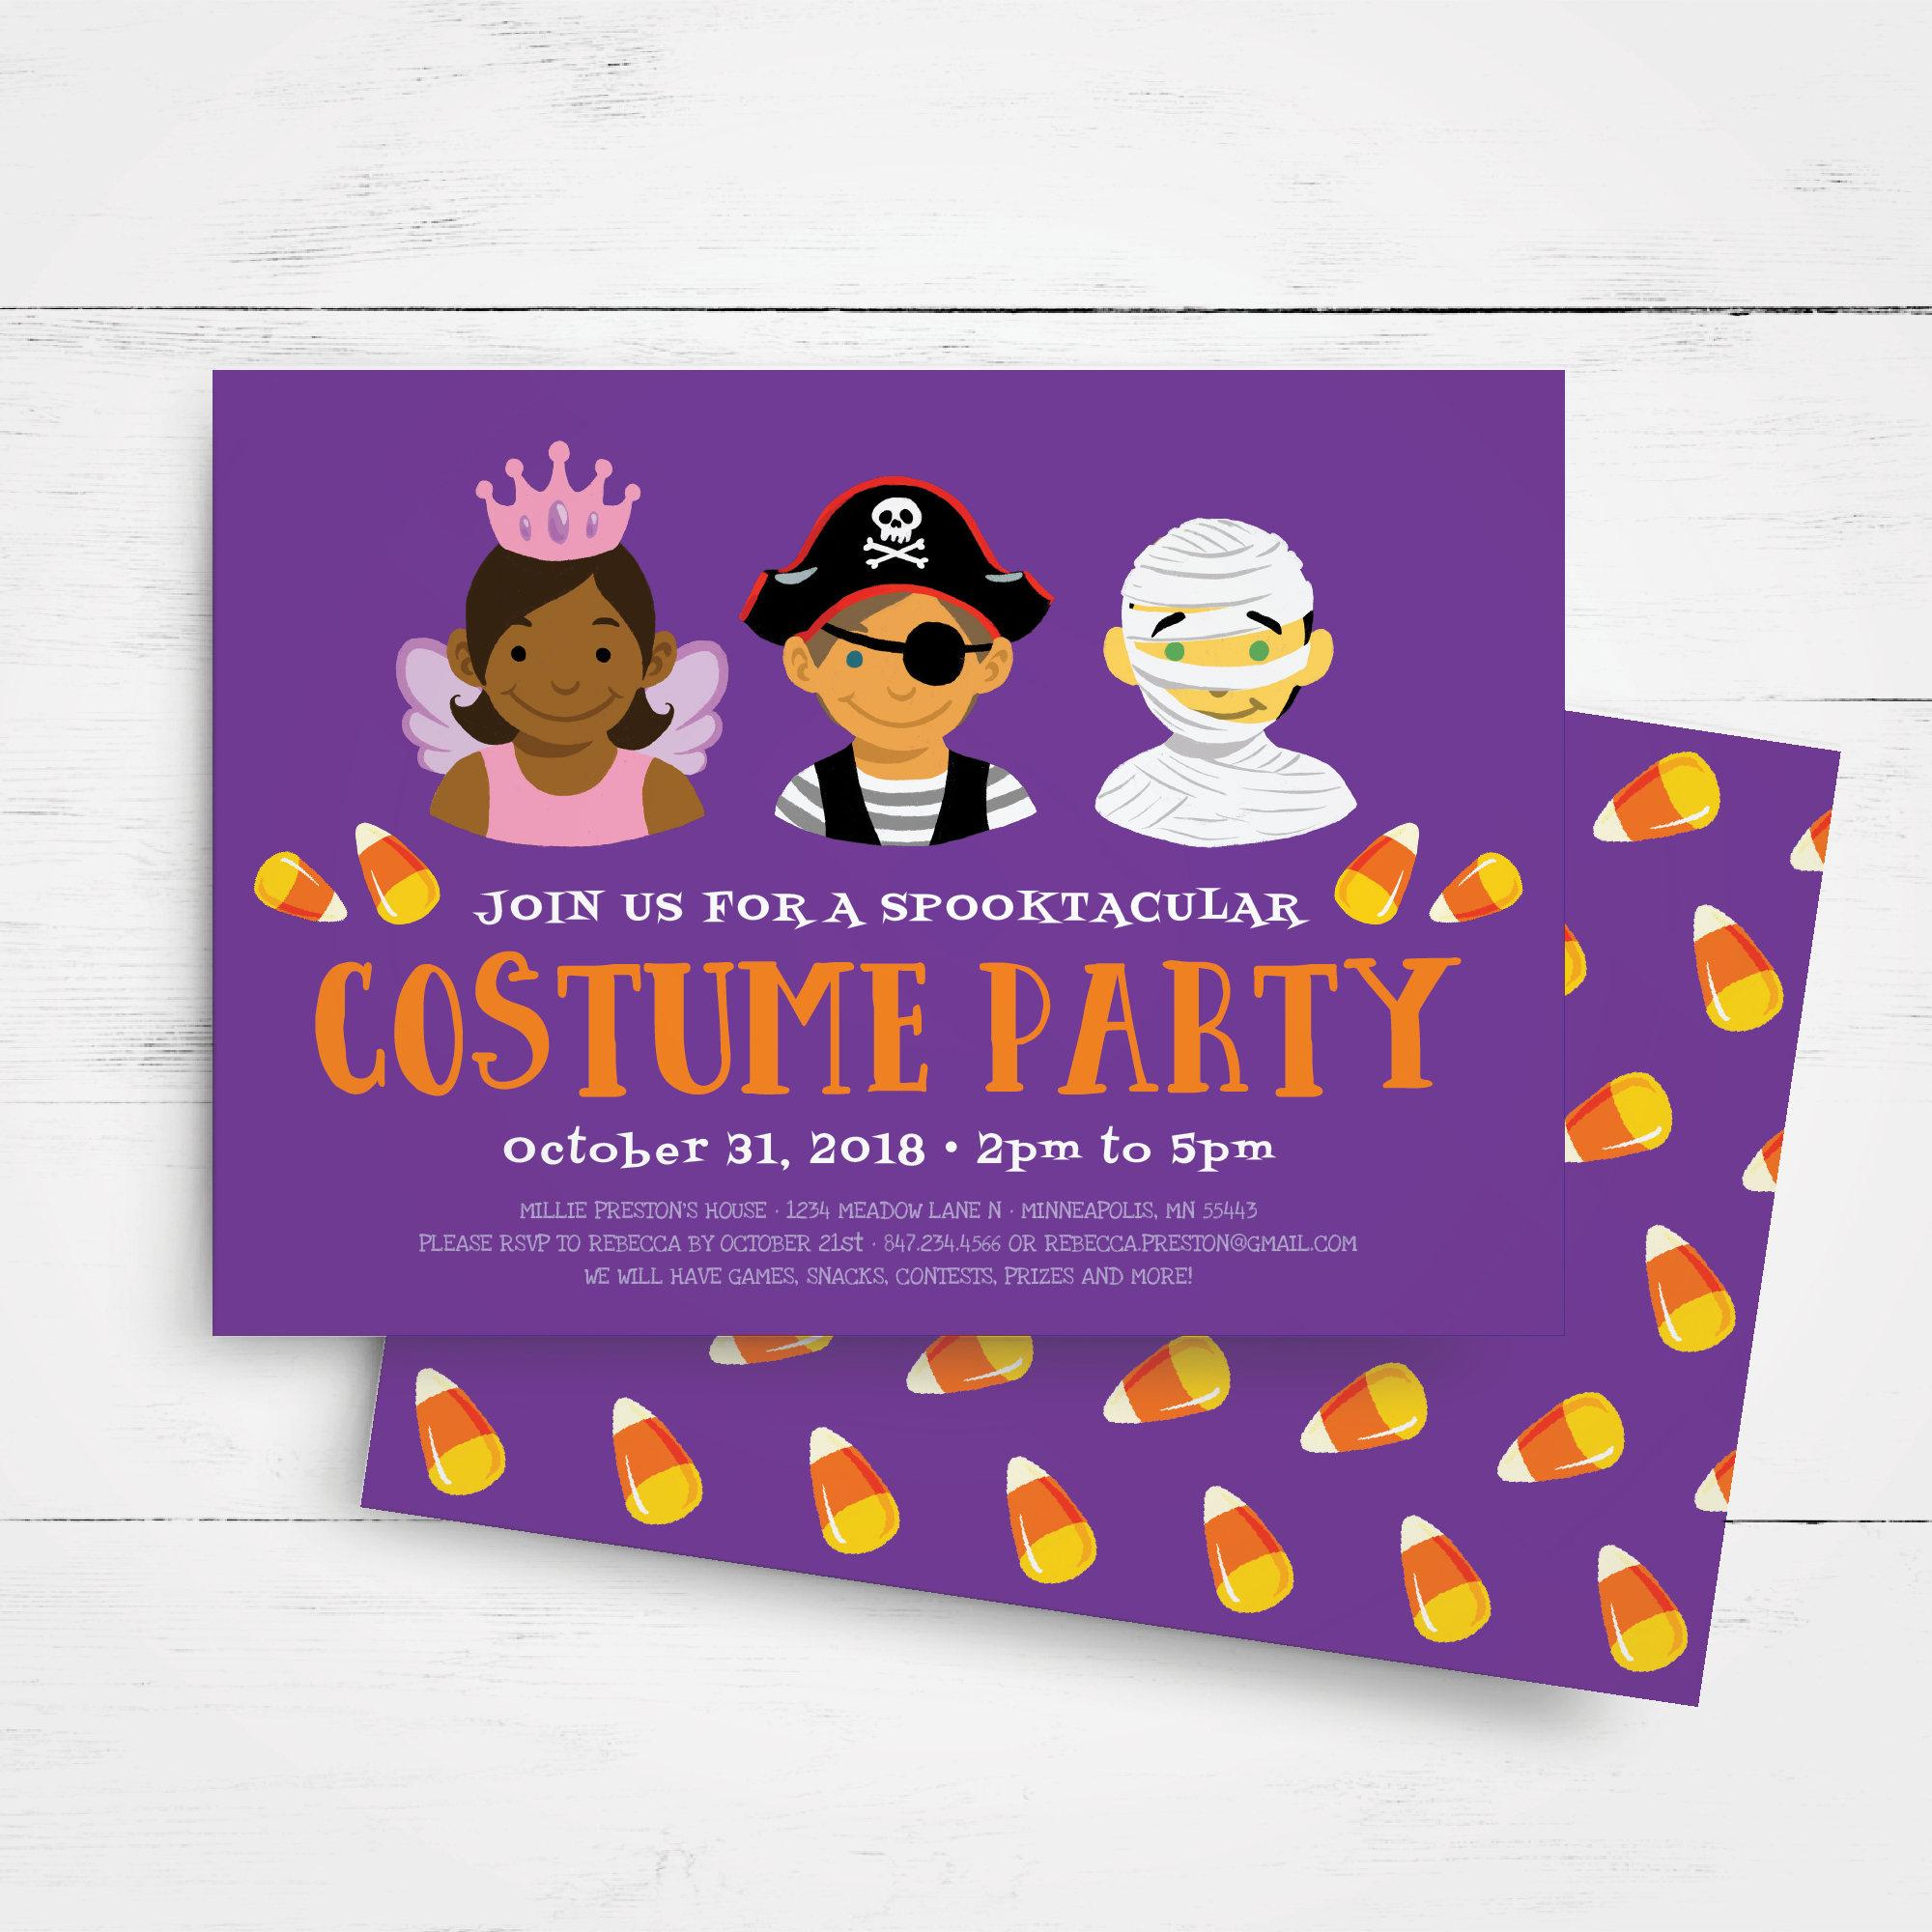 Halloween Invitation Template Kids Halloween Party Invitation – Costume Party Invitation